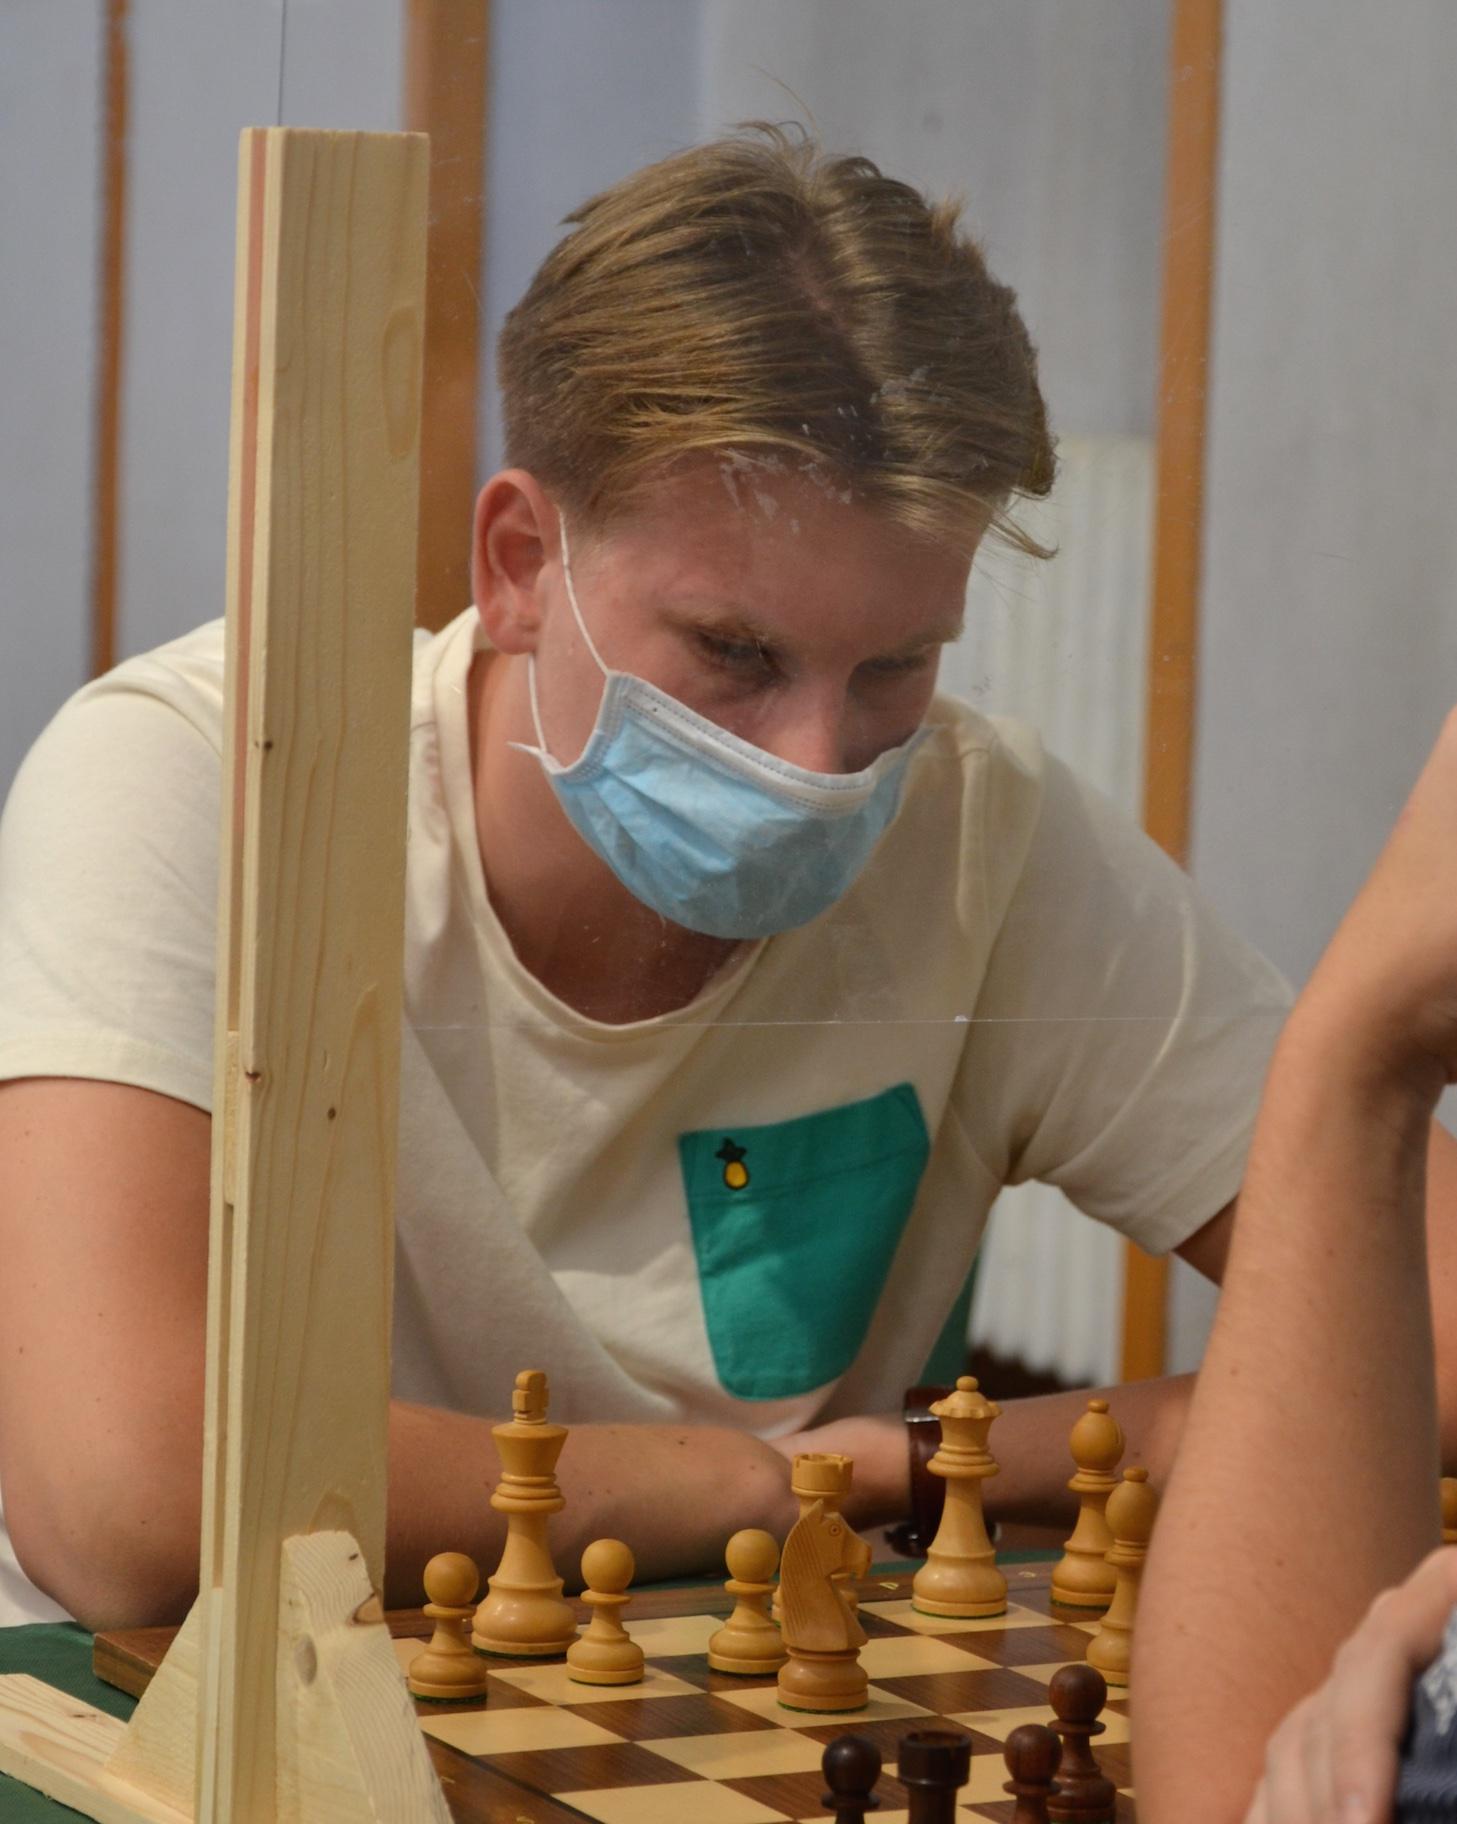 Johan-Sebastian Christiansenjpg